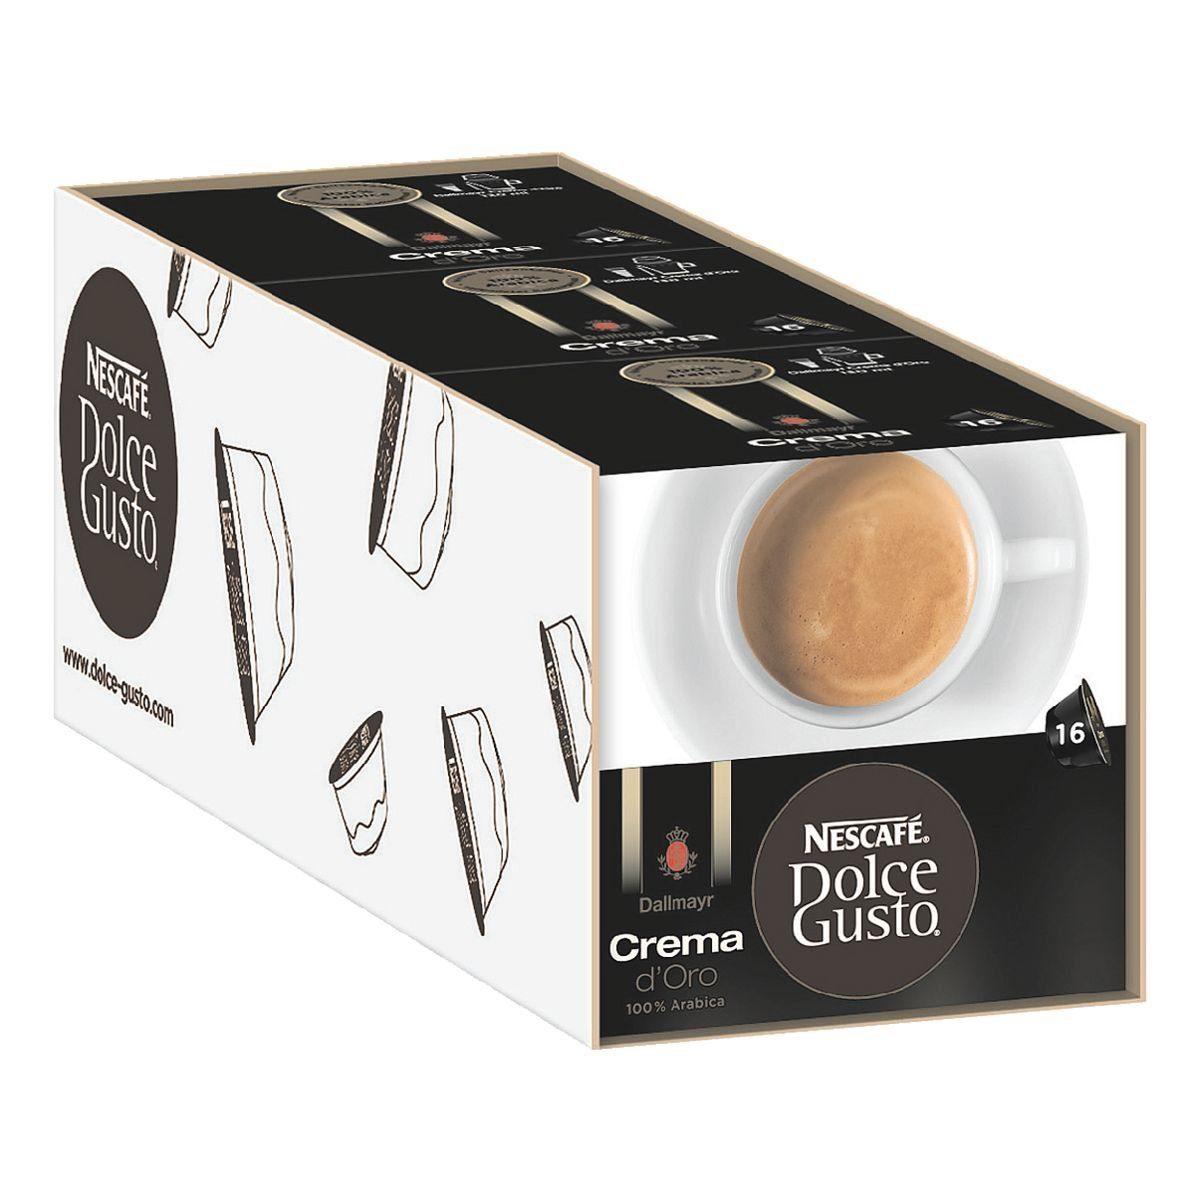 NESCAFE 3x Kaffeekapseln »Dolce Gusto Dallmayr Crema d'Oro...